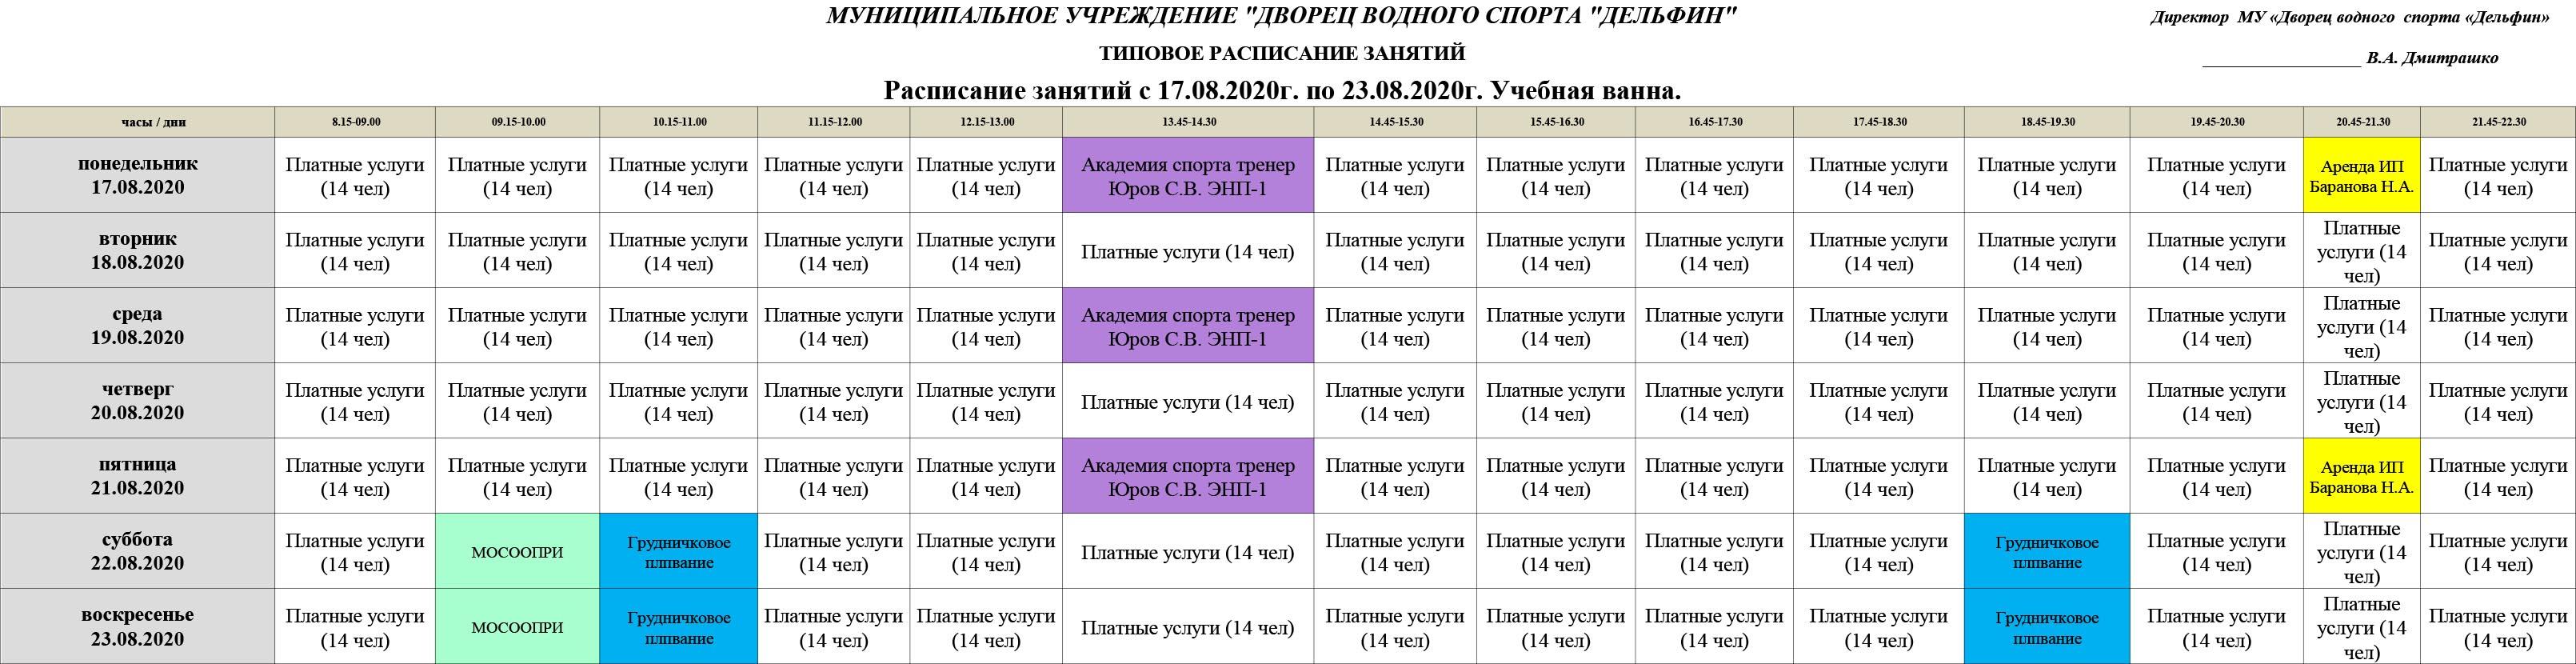 Расписание учебной ванны